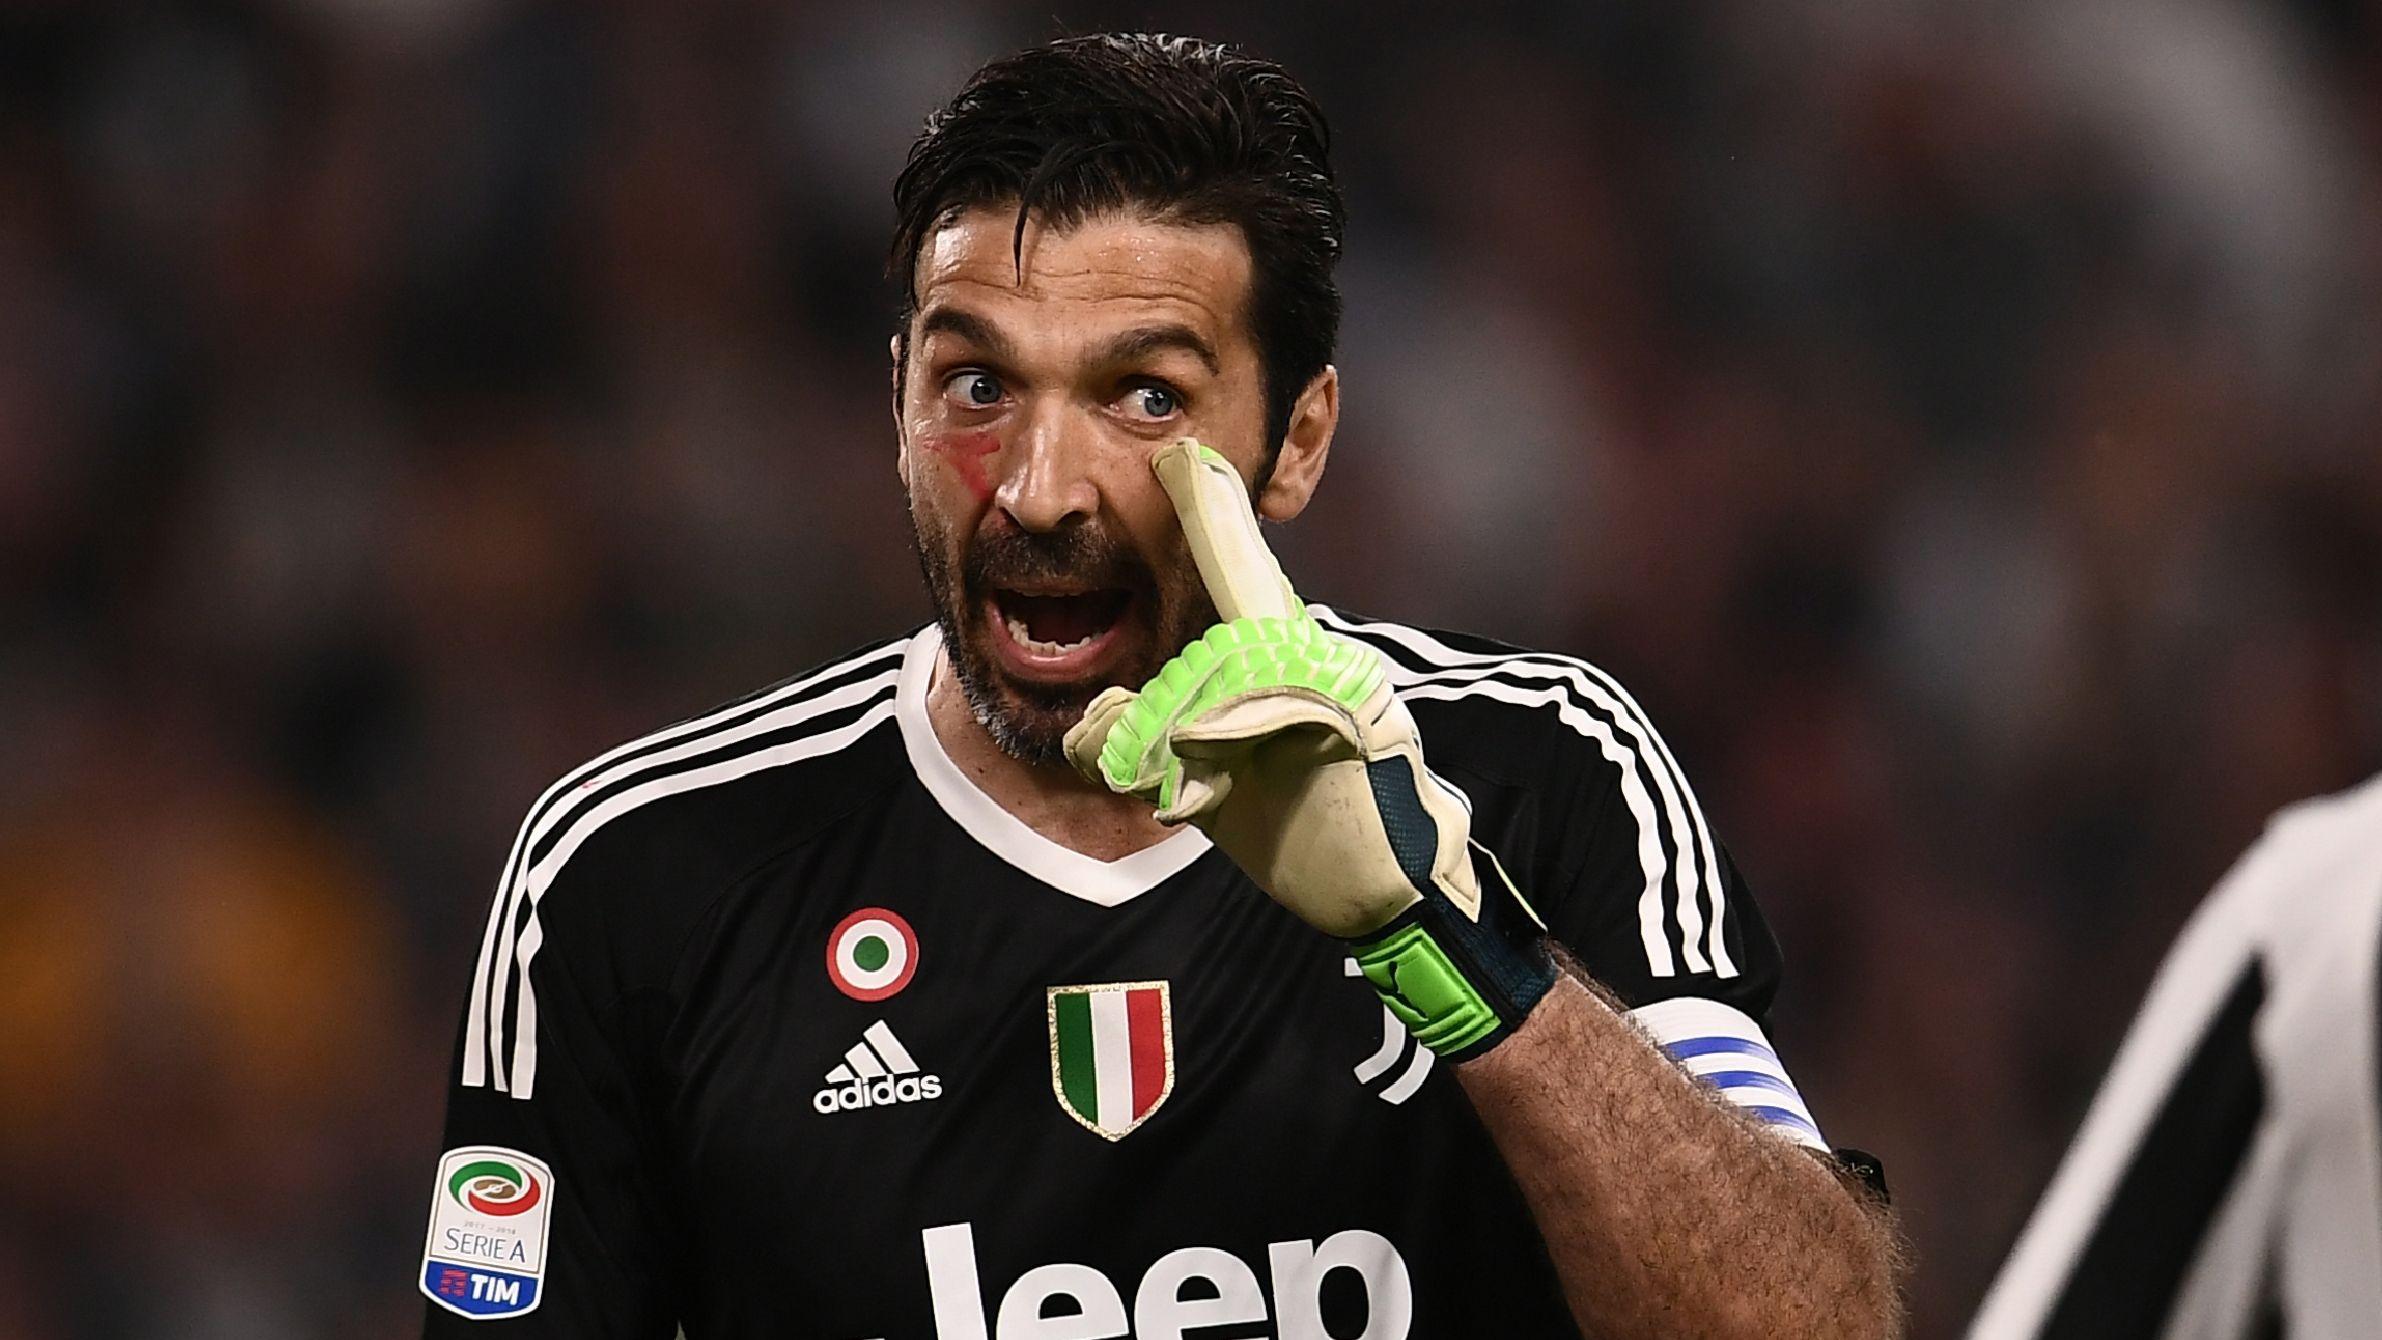 CHÍNH THỨC: Buffon bị đày lên ghế dự bị tại PSG - Bóng Đá